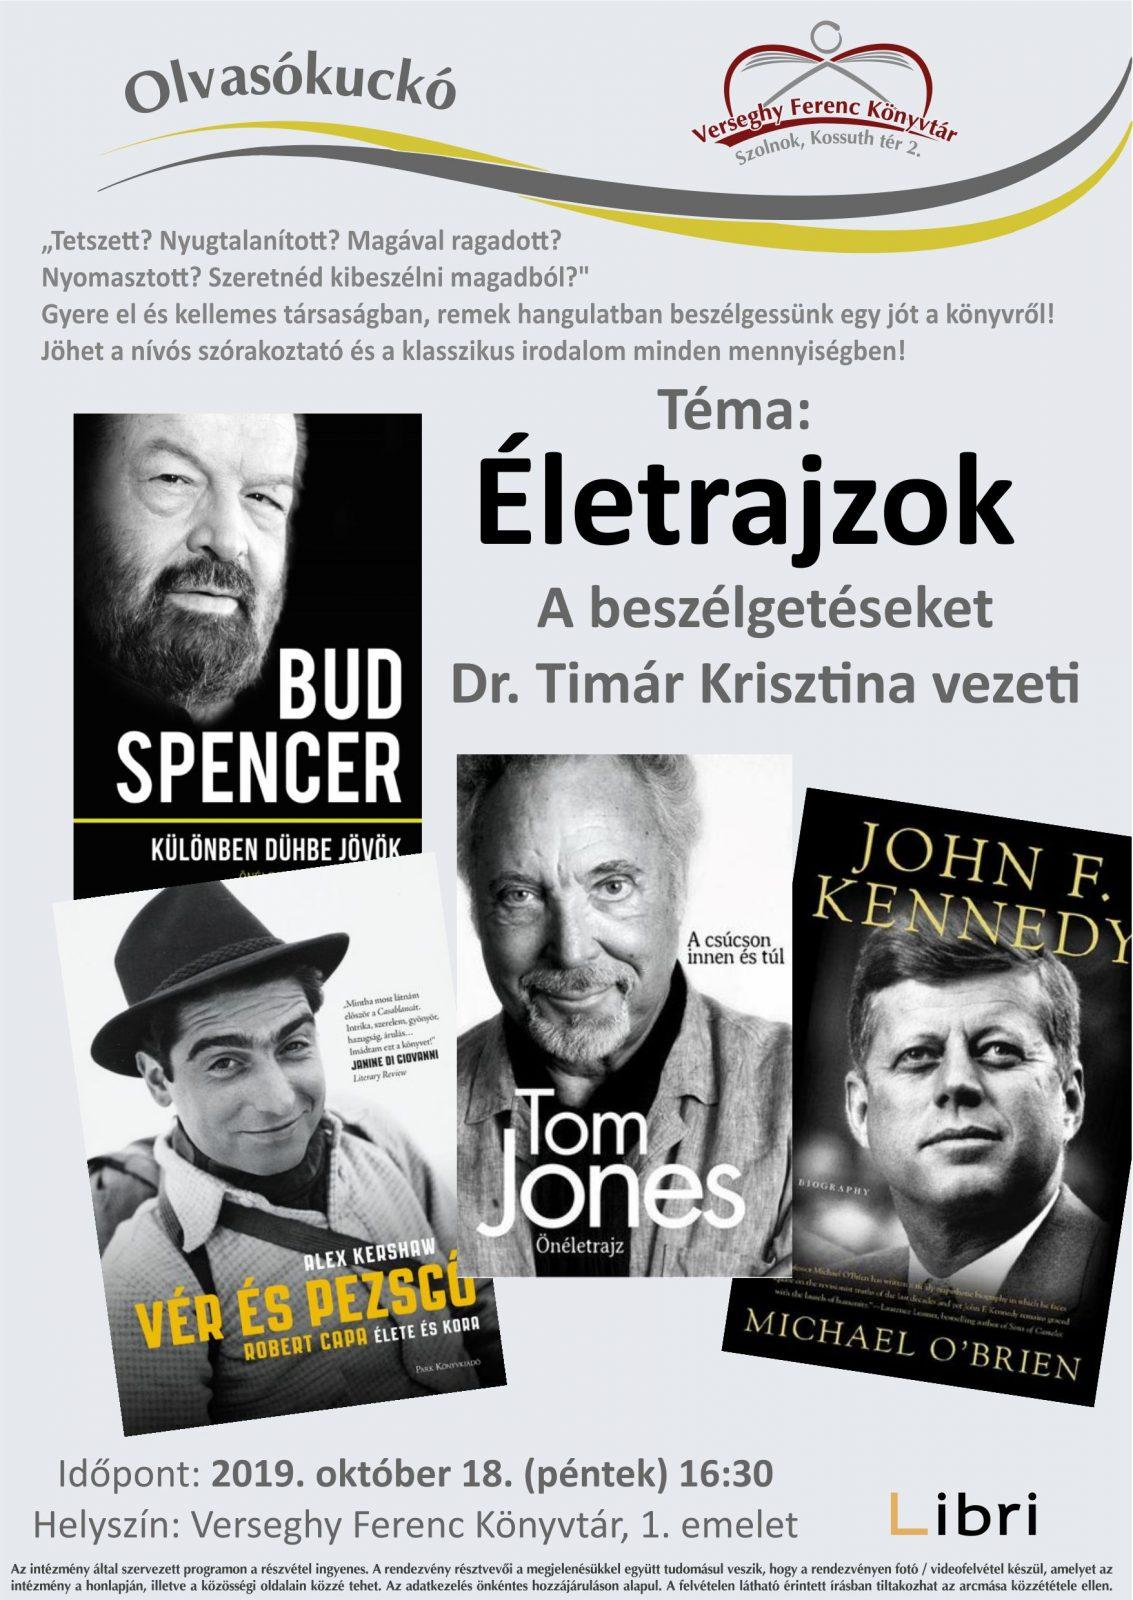 2019.10.18. Olvasókuckó. Plakát